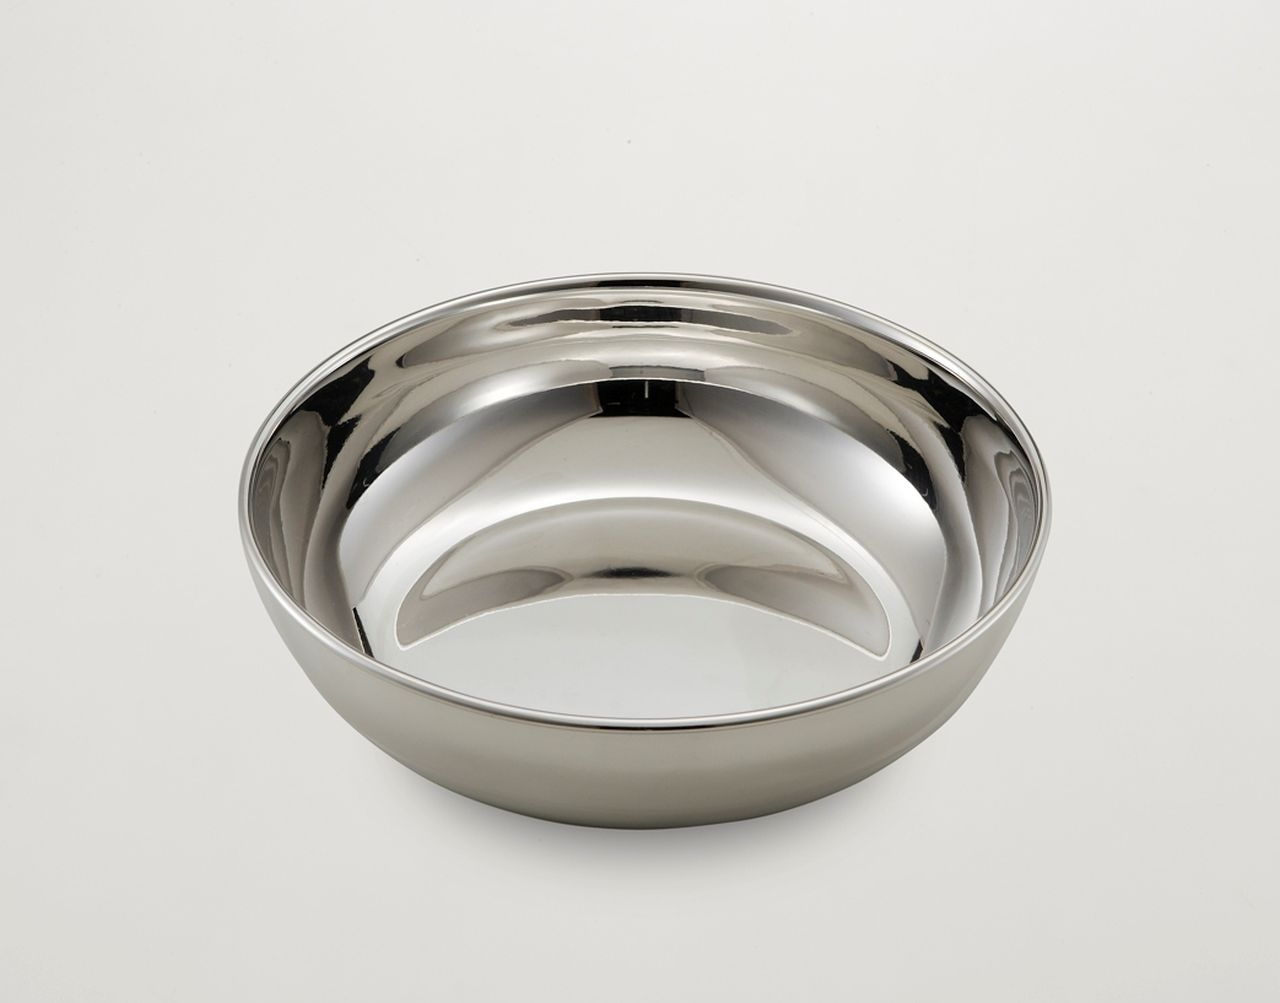 Ciotola tonda liscia in metallo placcato argento